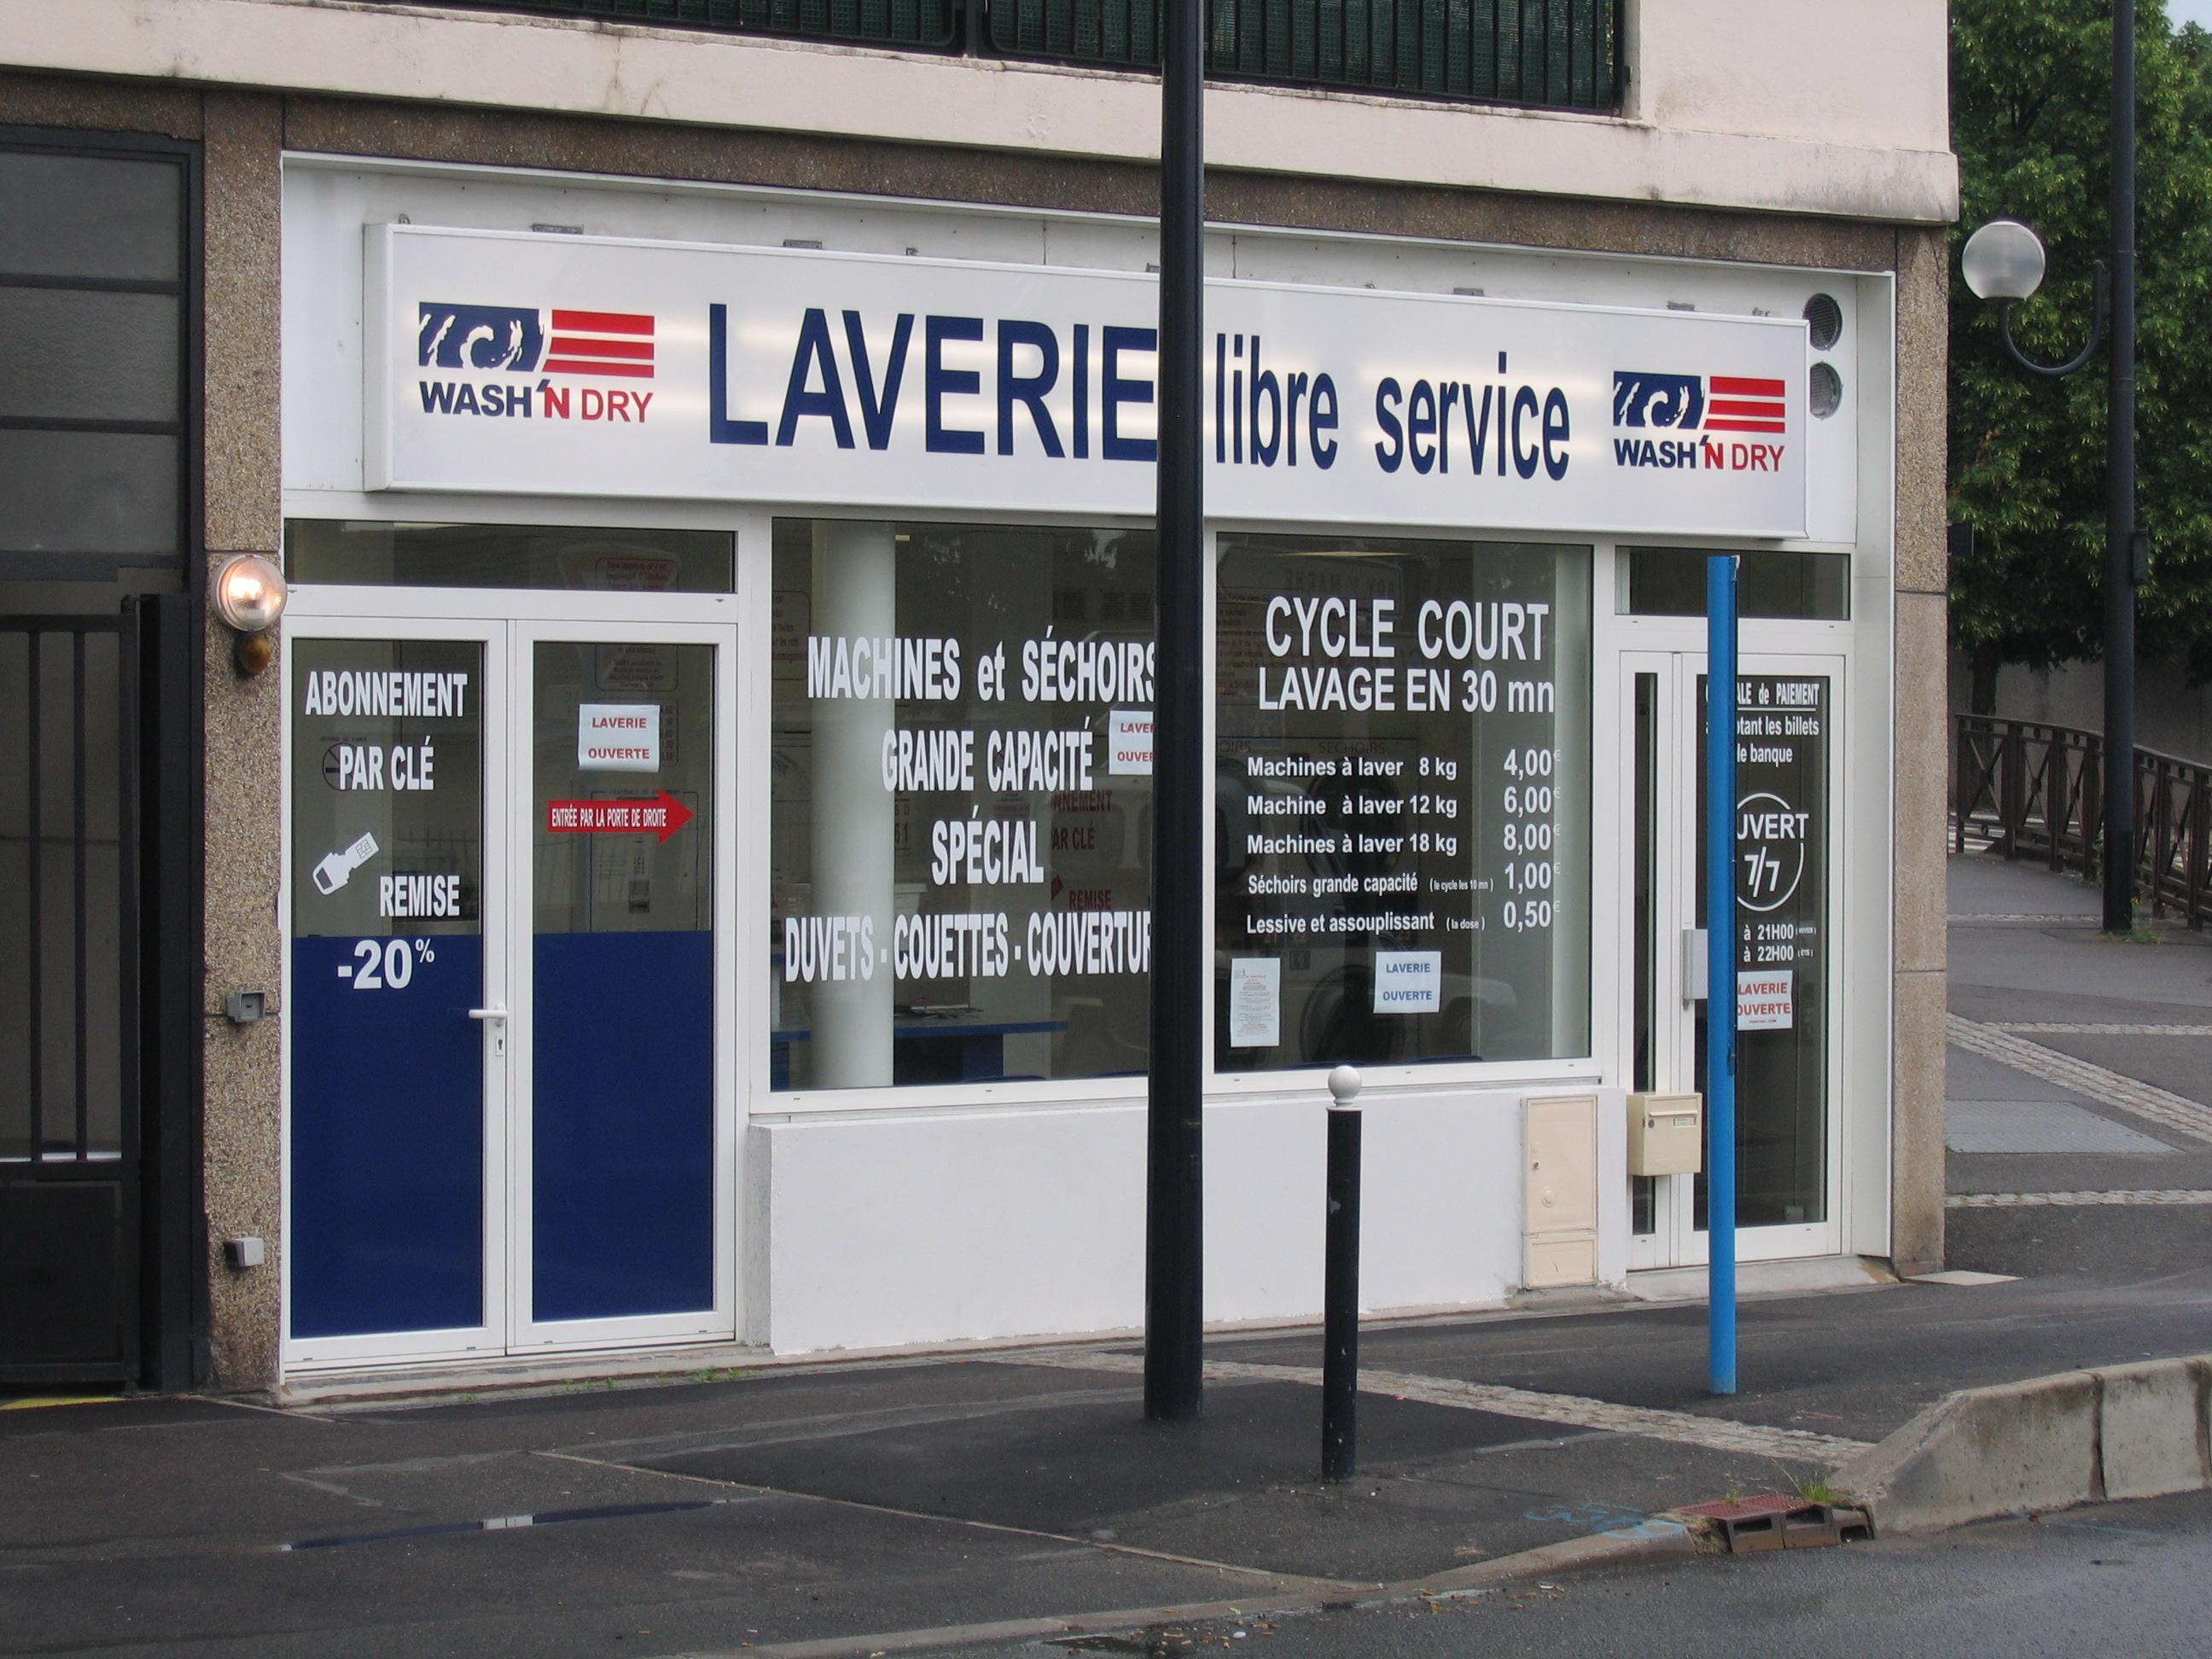 laverie libre service wash 39 n dry champigny sur marne wash 39 n dry. Black Bedroom Furniture Sets. Home Design Ideas